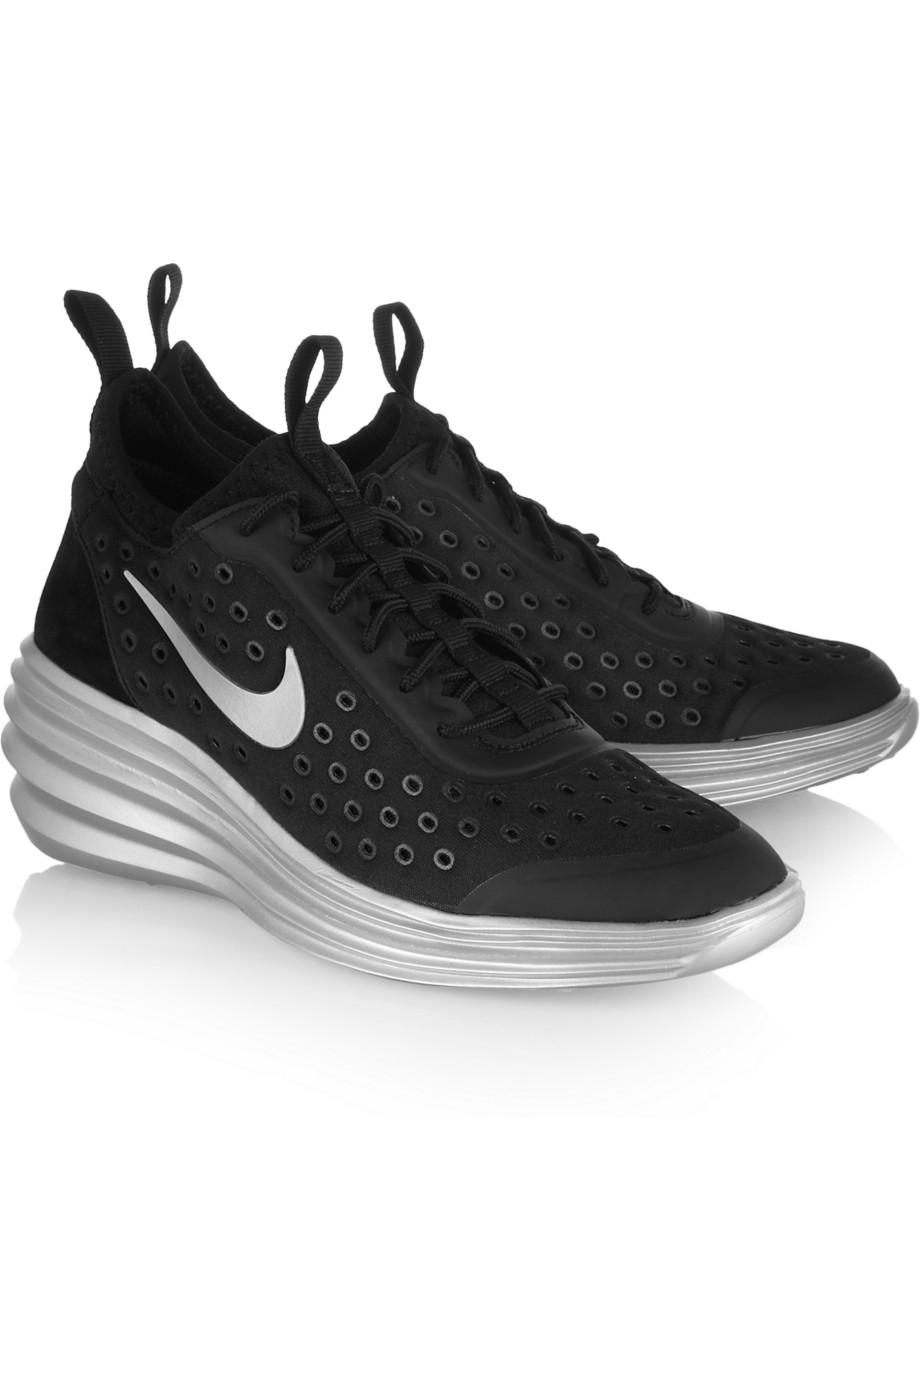 Nike Lunarelite Sky Hi Canvas and Suede Wedge Sneakers in ...